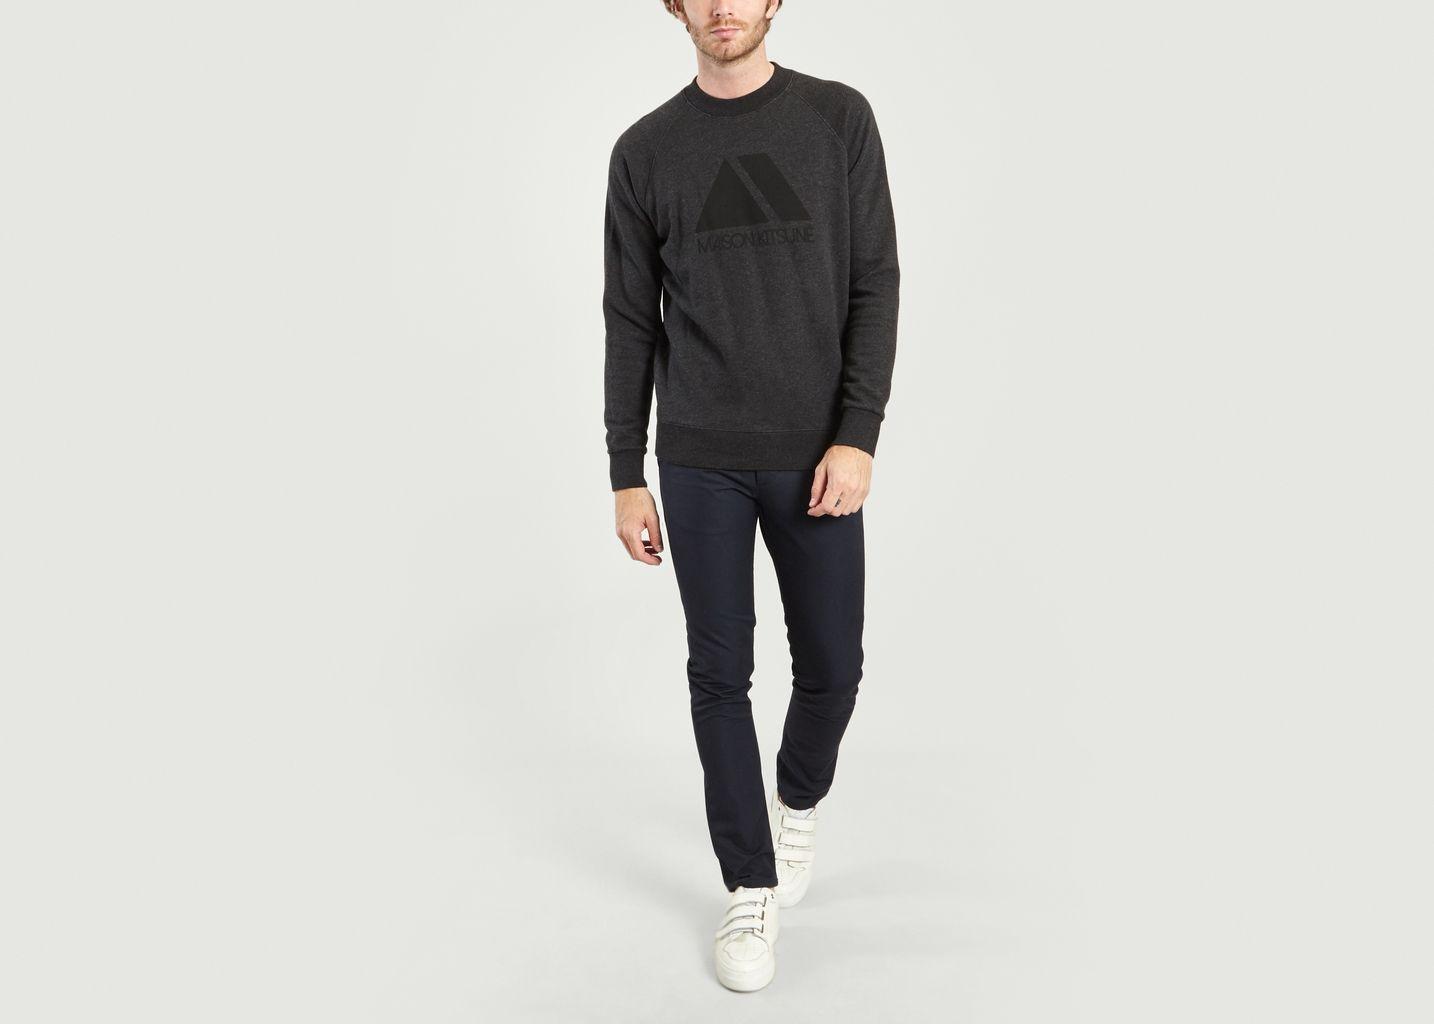 Sweatshirt Triangle - Maison Kitsuné